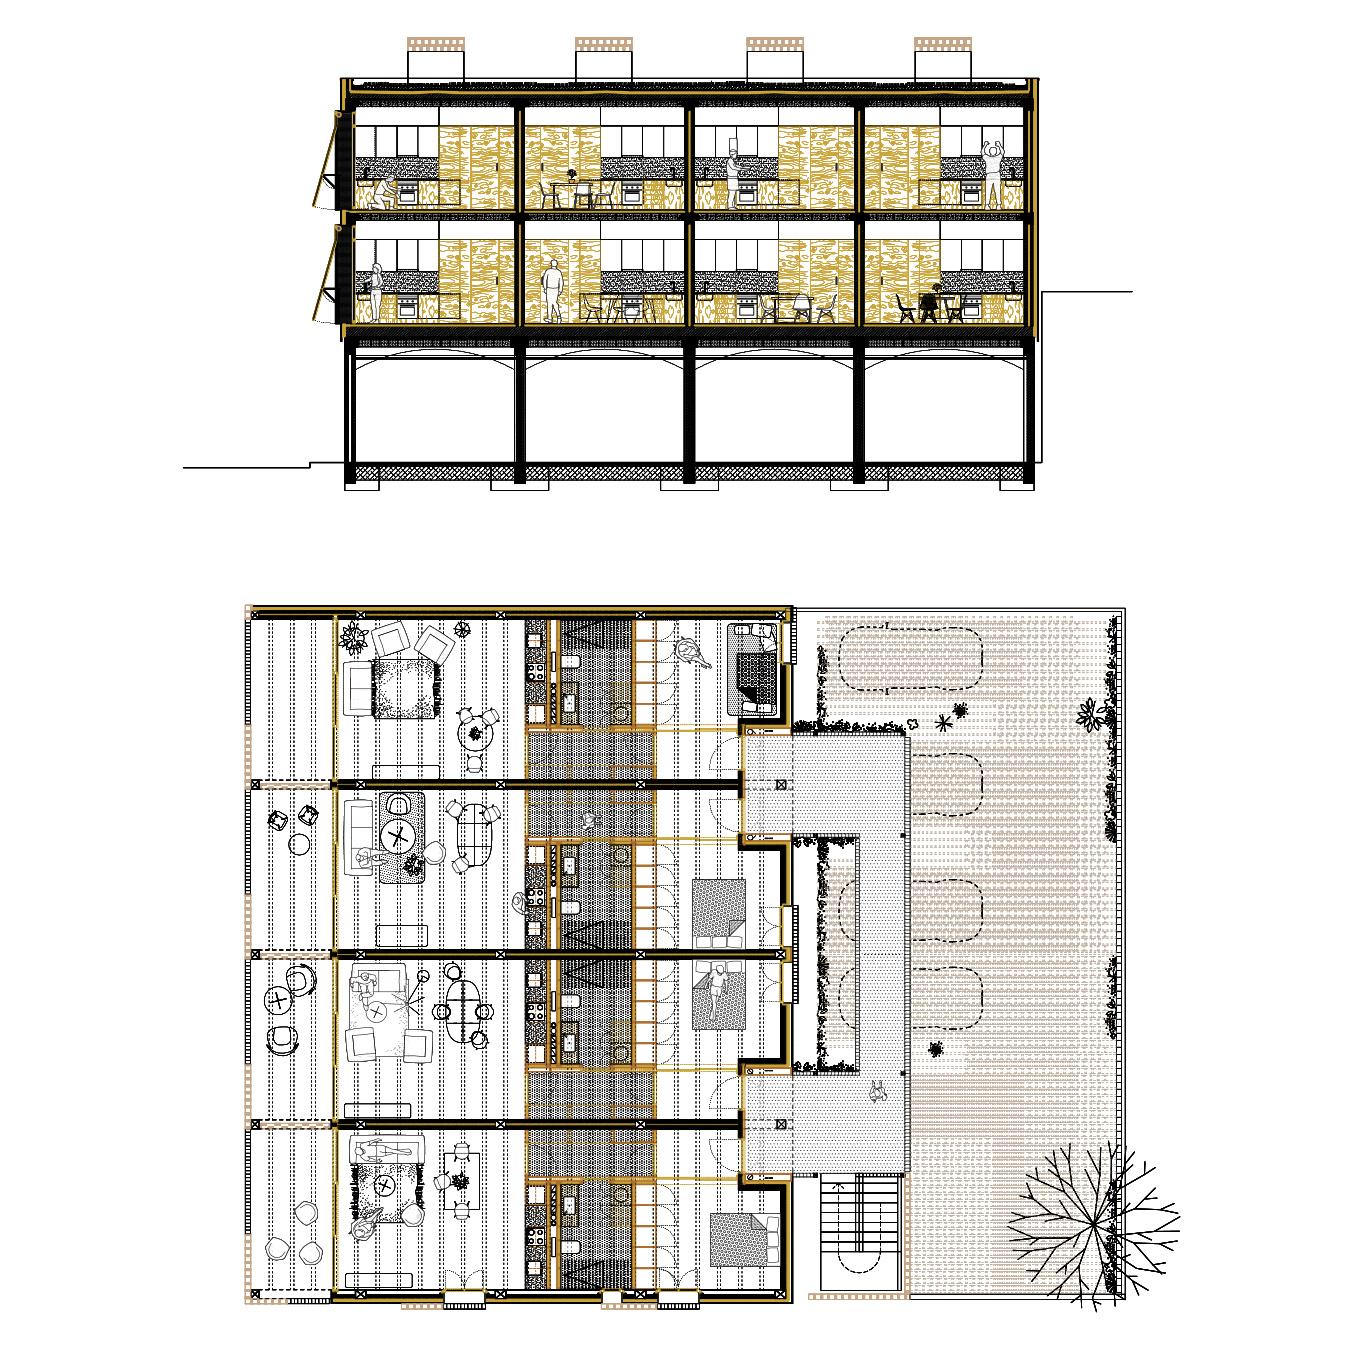 planta i secció de la obra nova, i projecte d'arquitectura d'habitatges, mallorca,